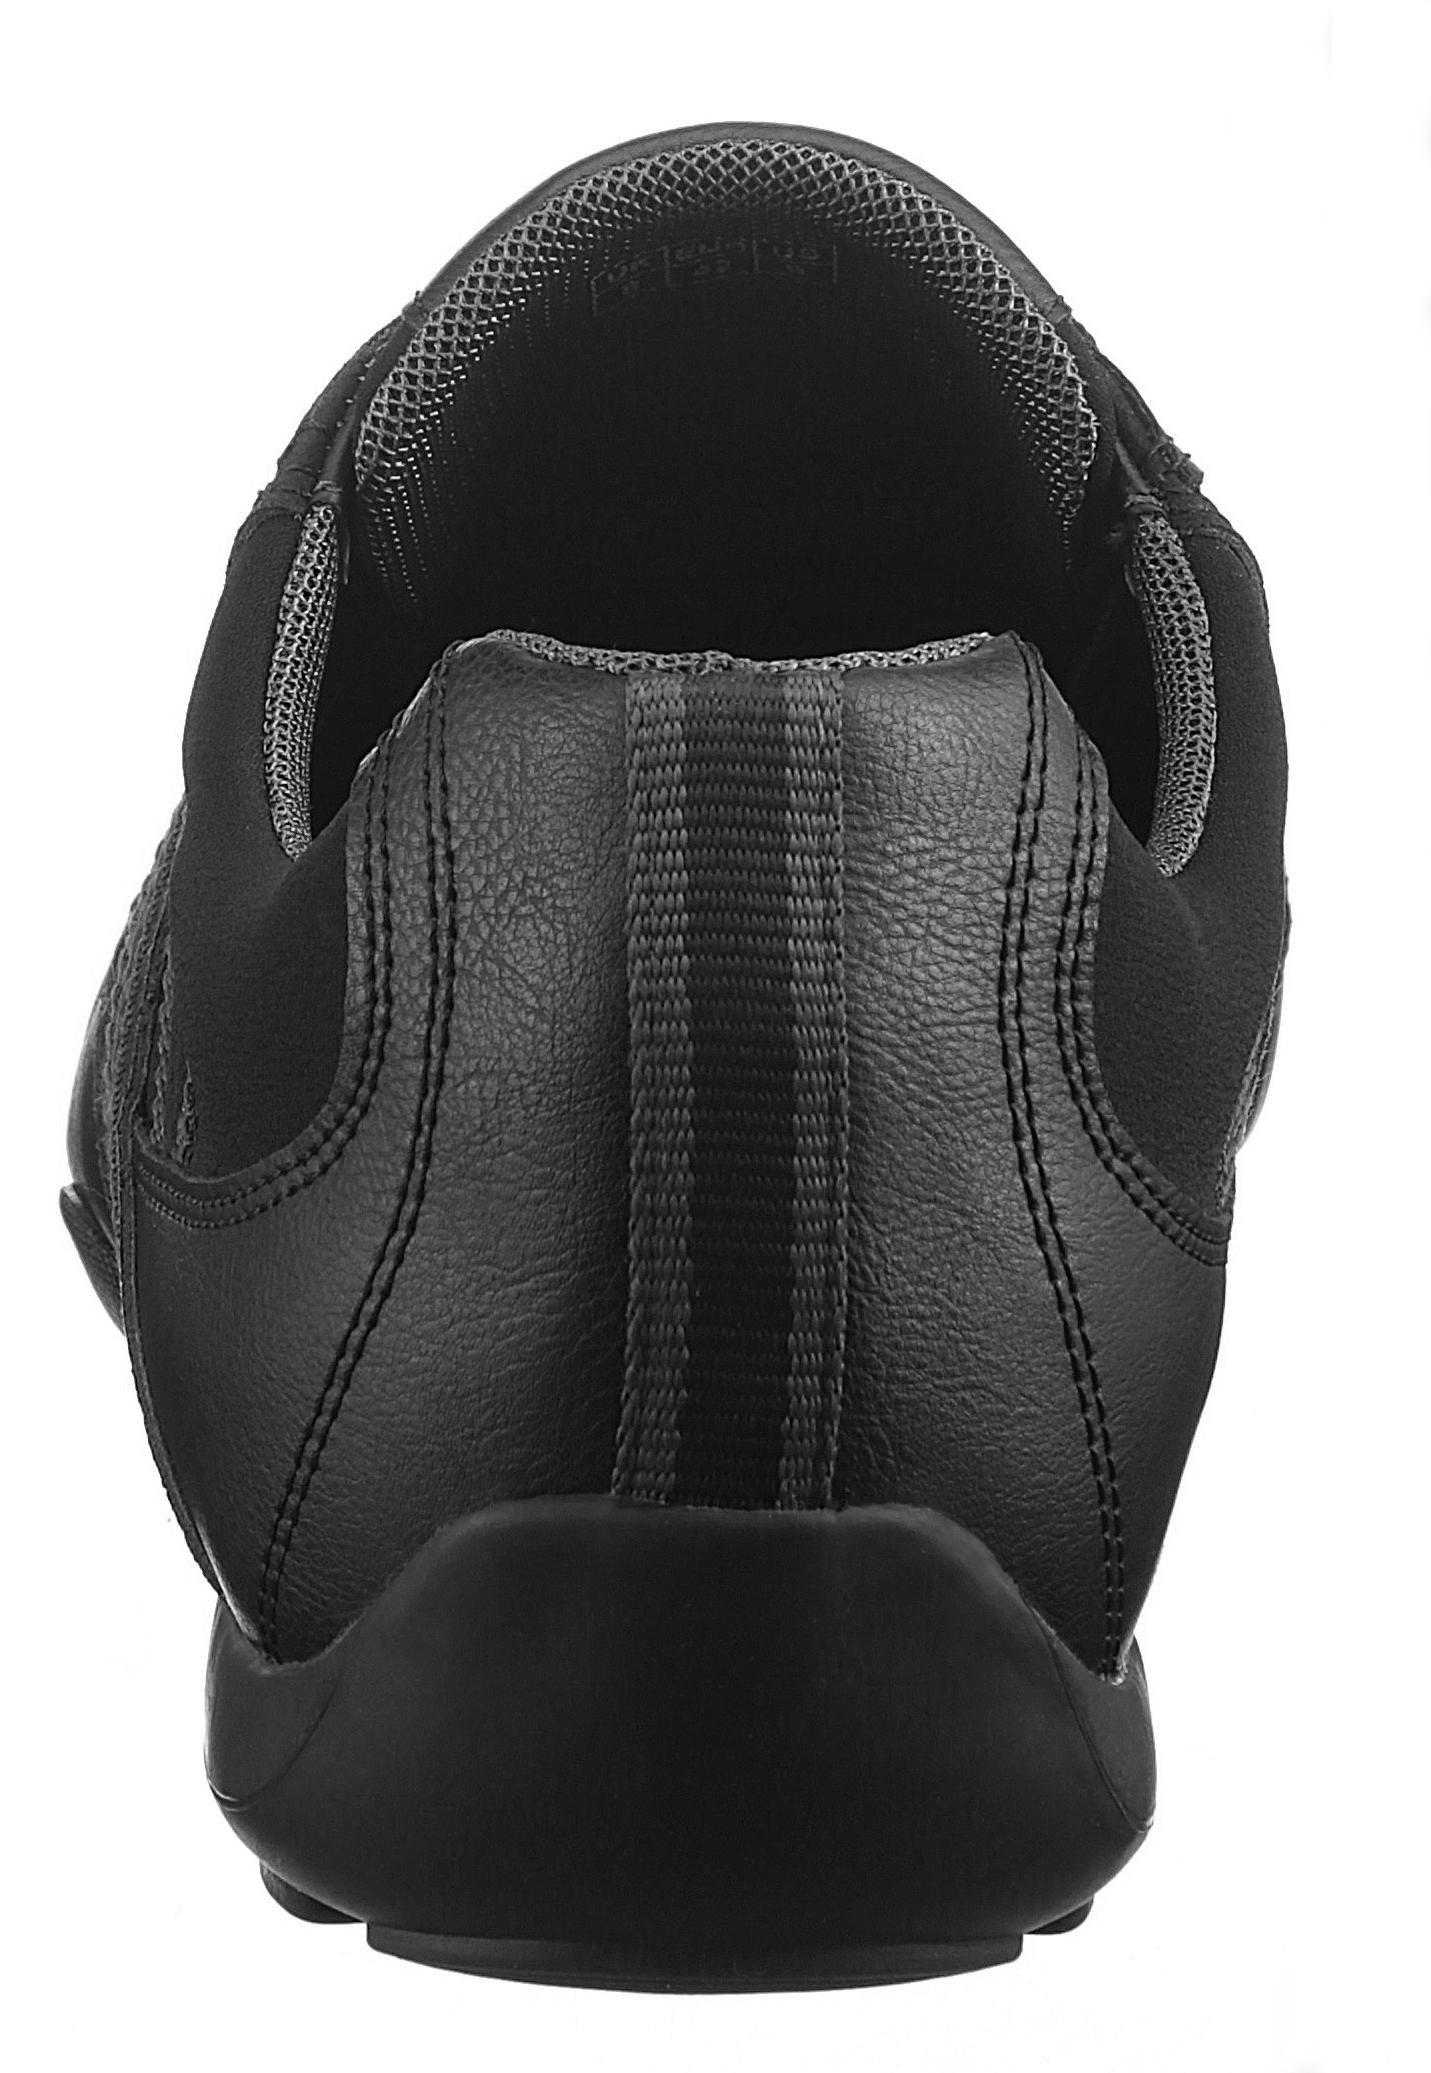 Online Kopen Geox Sneakersravex Sneakersravex Geox Kopen Online Sneakersravex Geox Online Geox Kopen KTlc31FJ